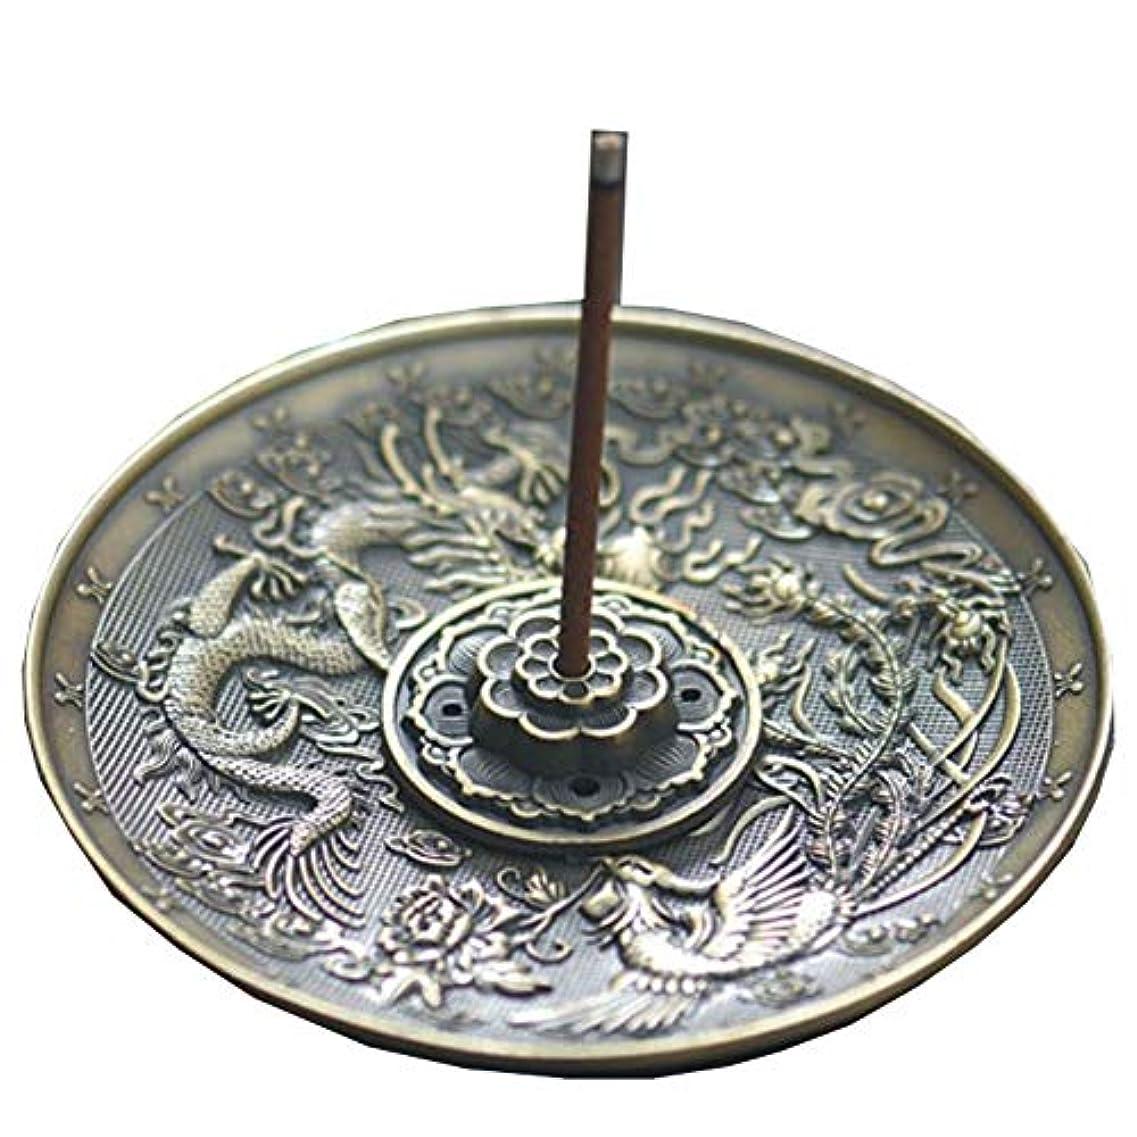 モナリザプログラム秘書[RADISSY] お香立て 香炉 香皿 スティック 円錐 タイプ お香 スタンド 龍のデザイン (青銅色5穴)